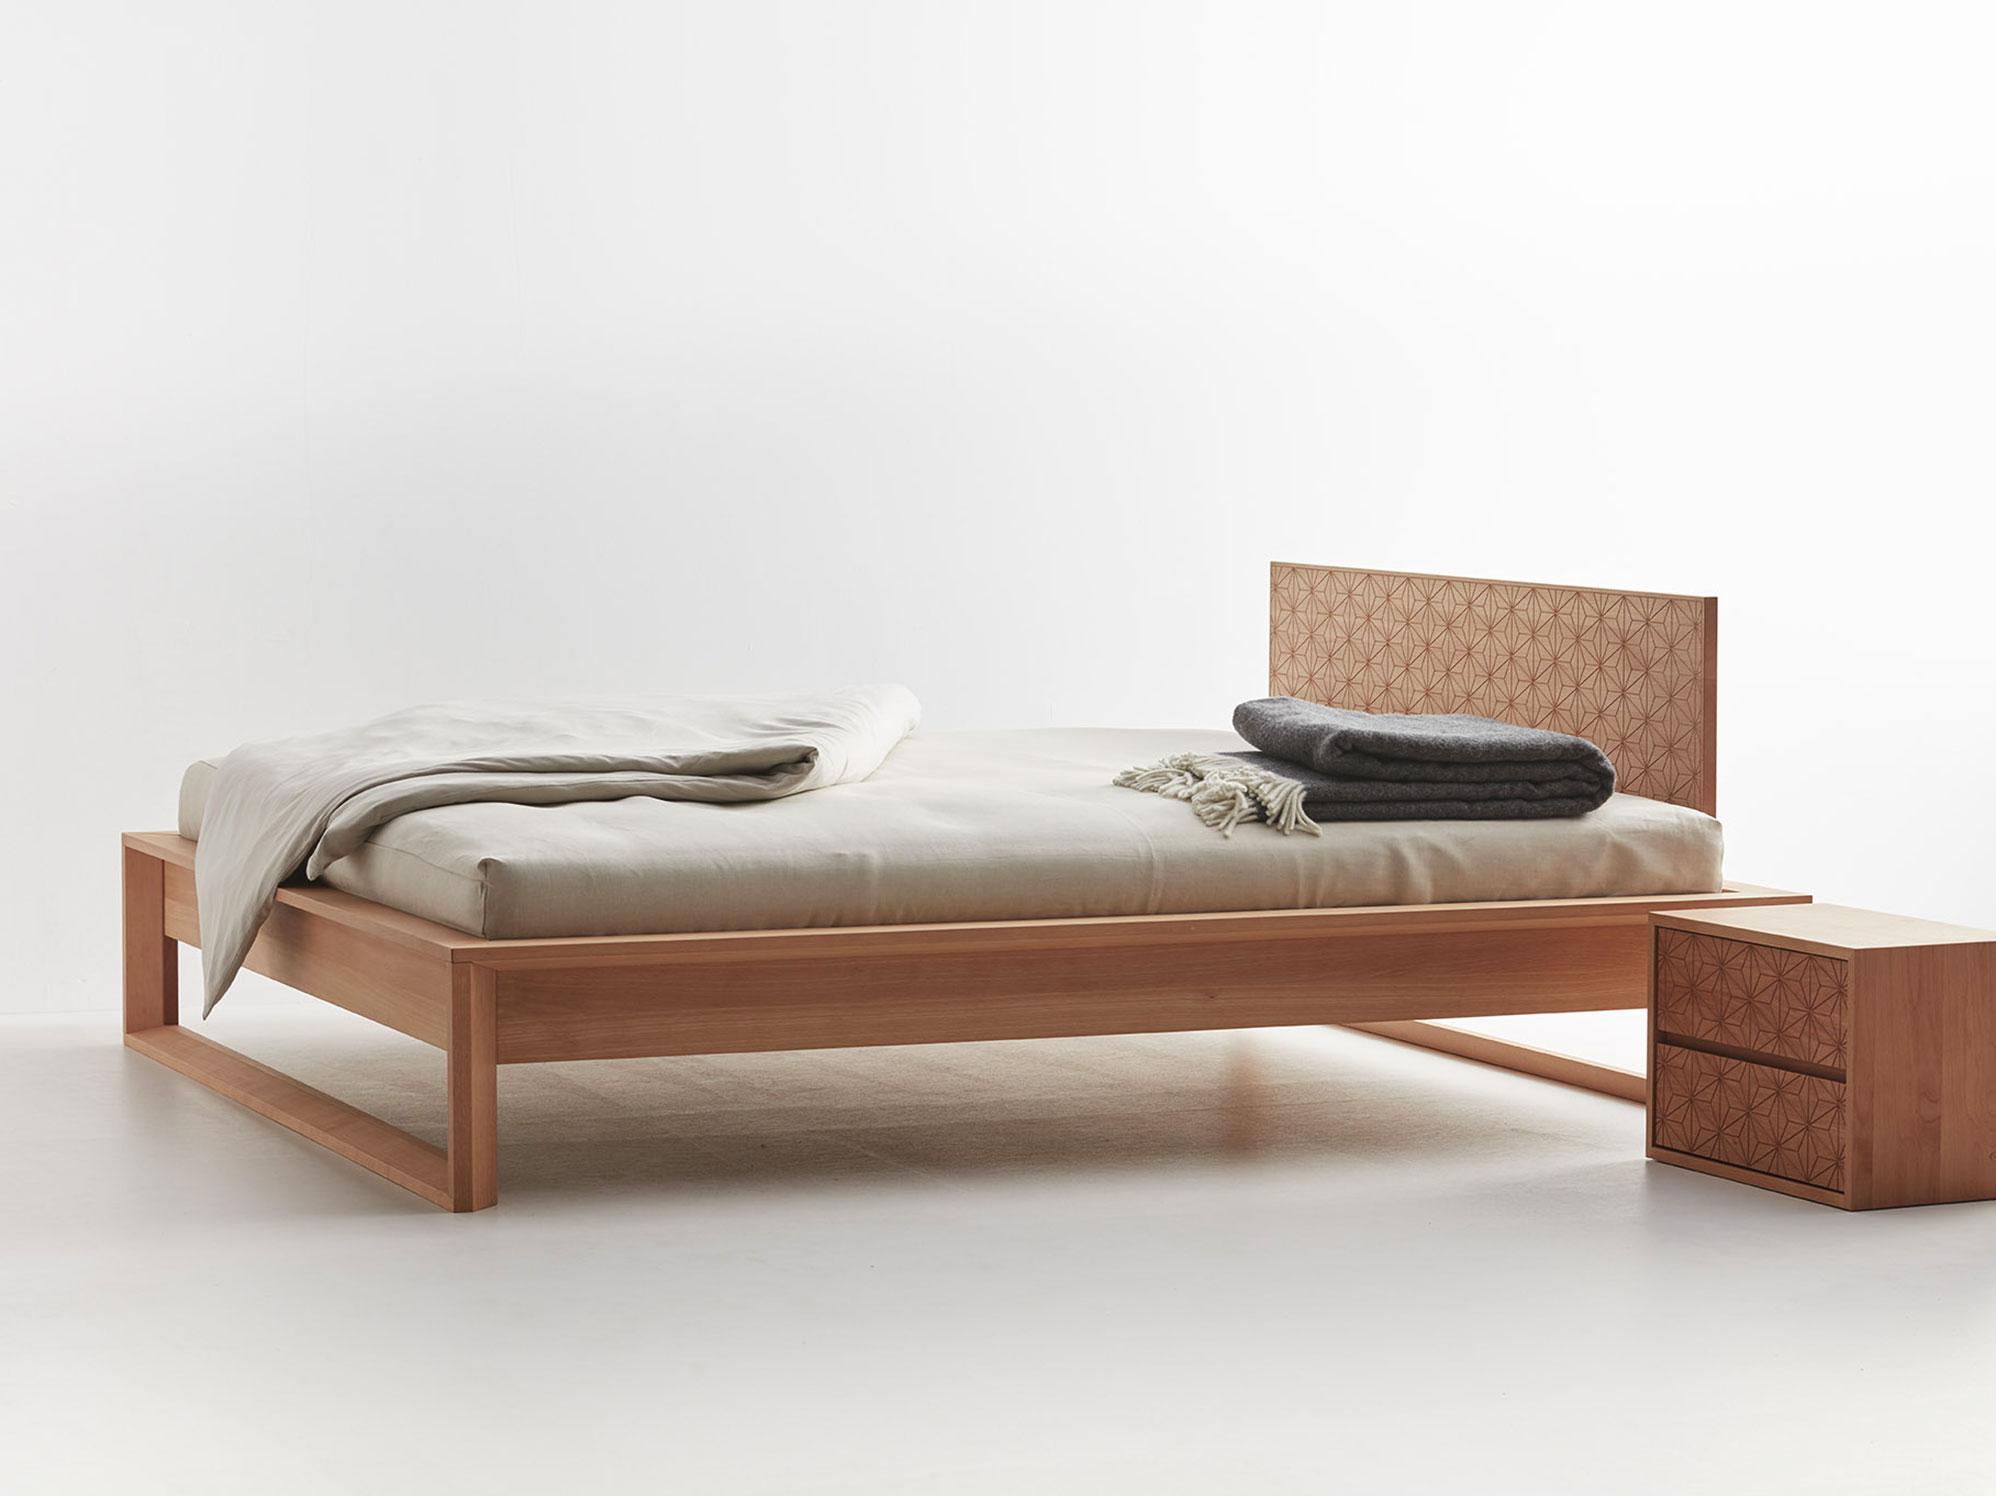 Asanoha Bett mit Betthaupt | Grüne Erde